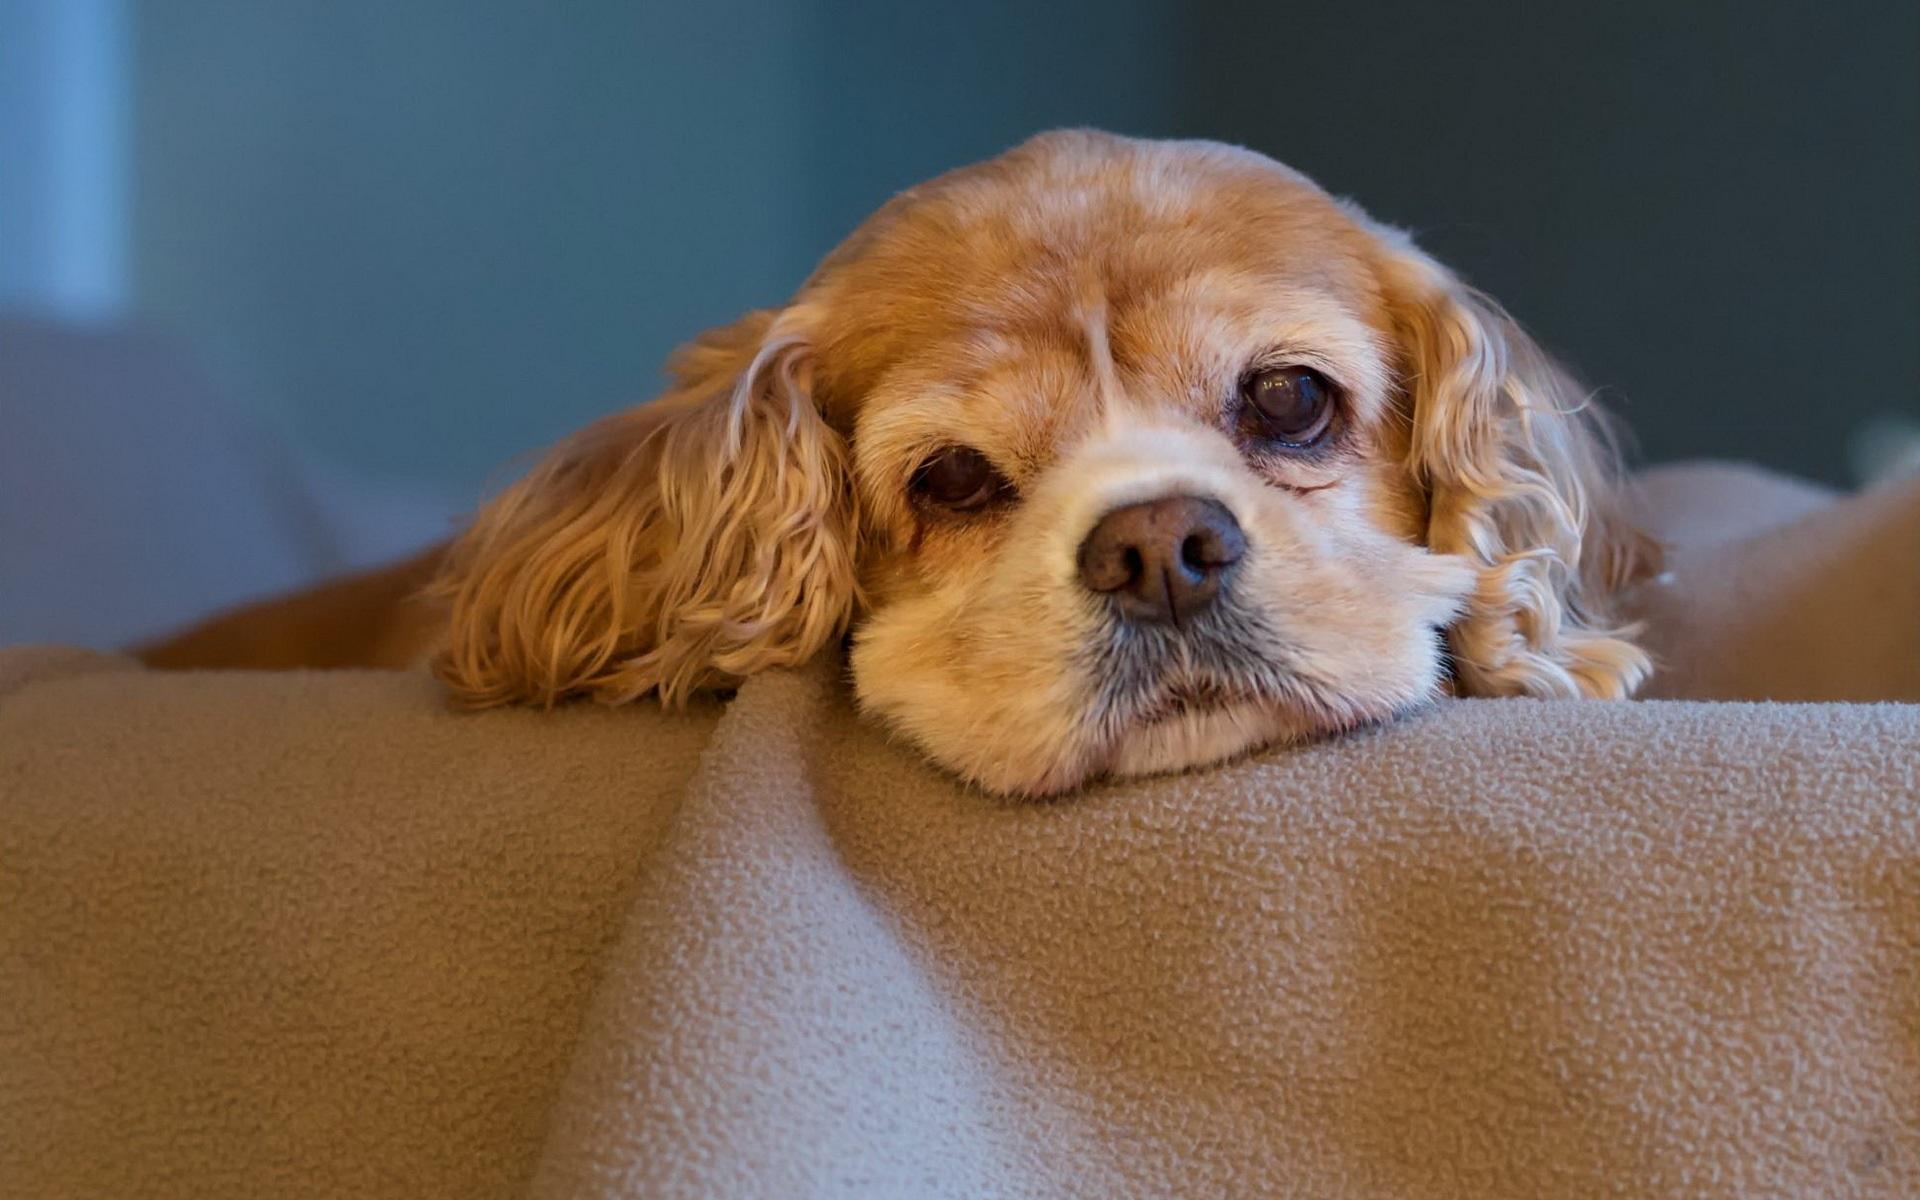 Papéis de Parede Cão bonito olhar no quarto 1920x1200 HD imagem 1d7f42330e